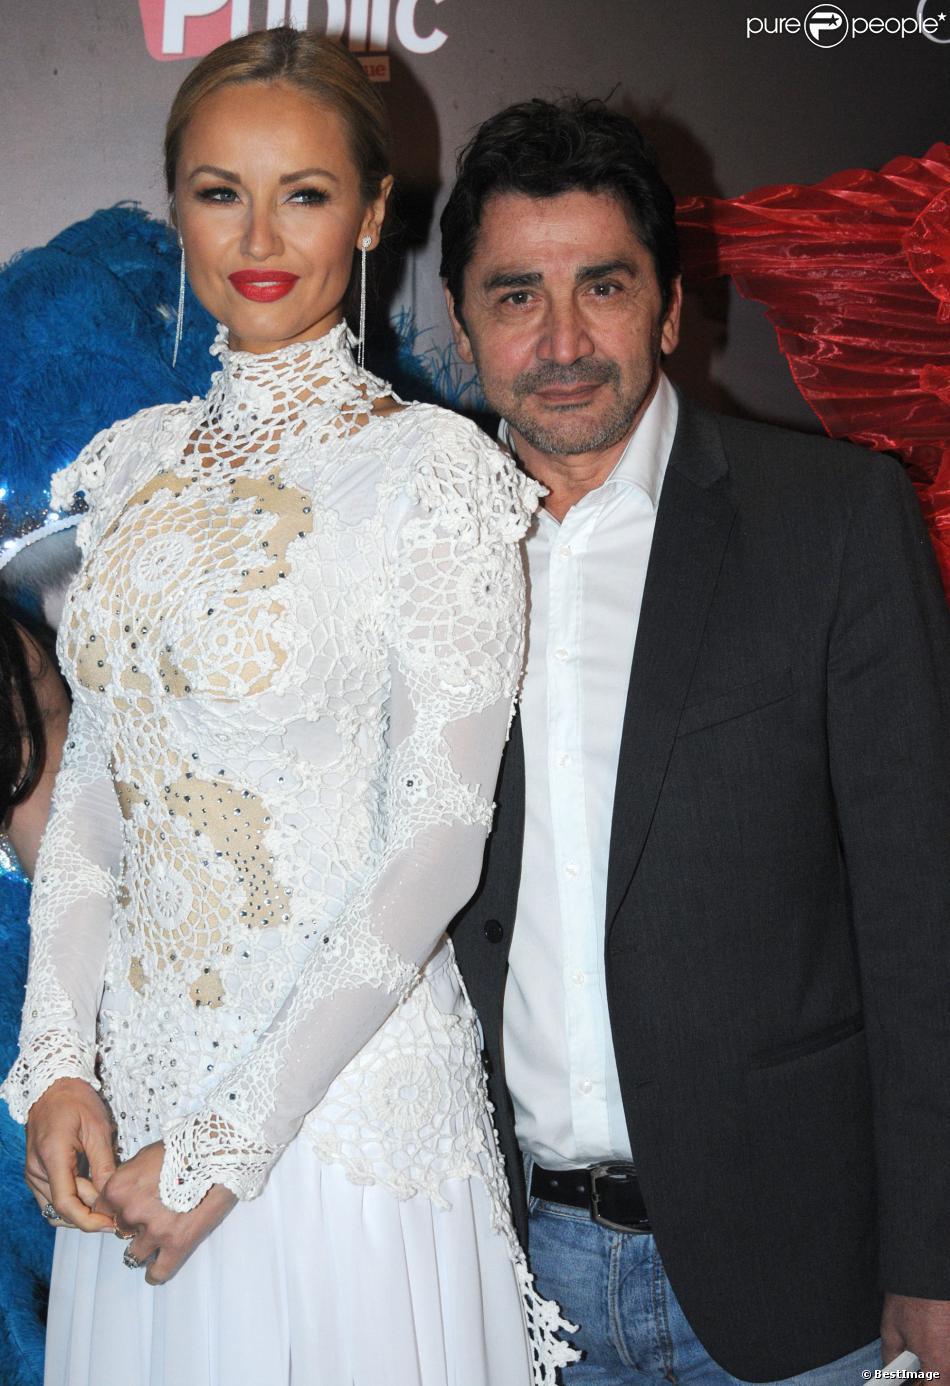 Exclusif - Adriana Karembeu et son compagnon André Ohanian - Finale de l'élection de Top Model Belgium à Mons en Belgique le 8 décembre 2013.